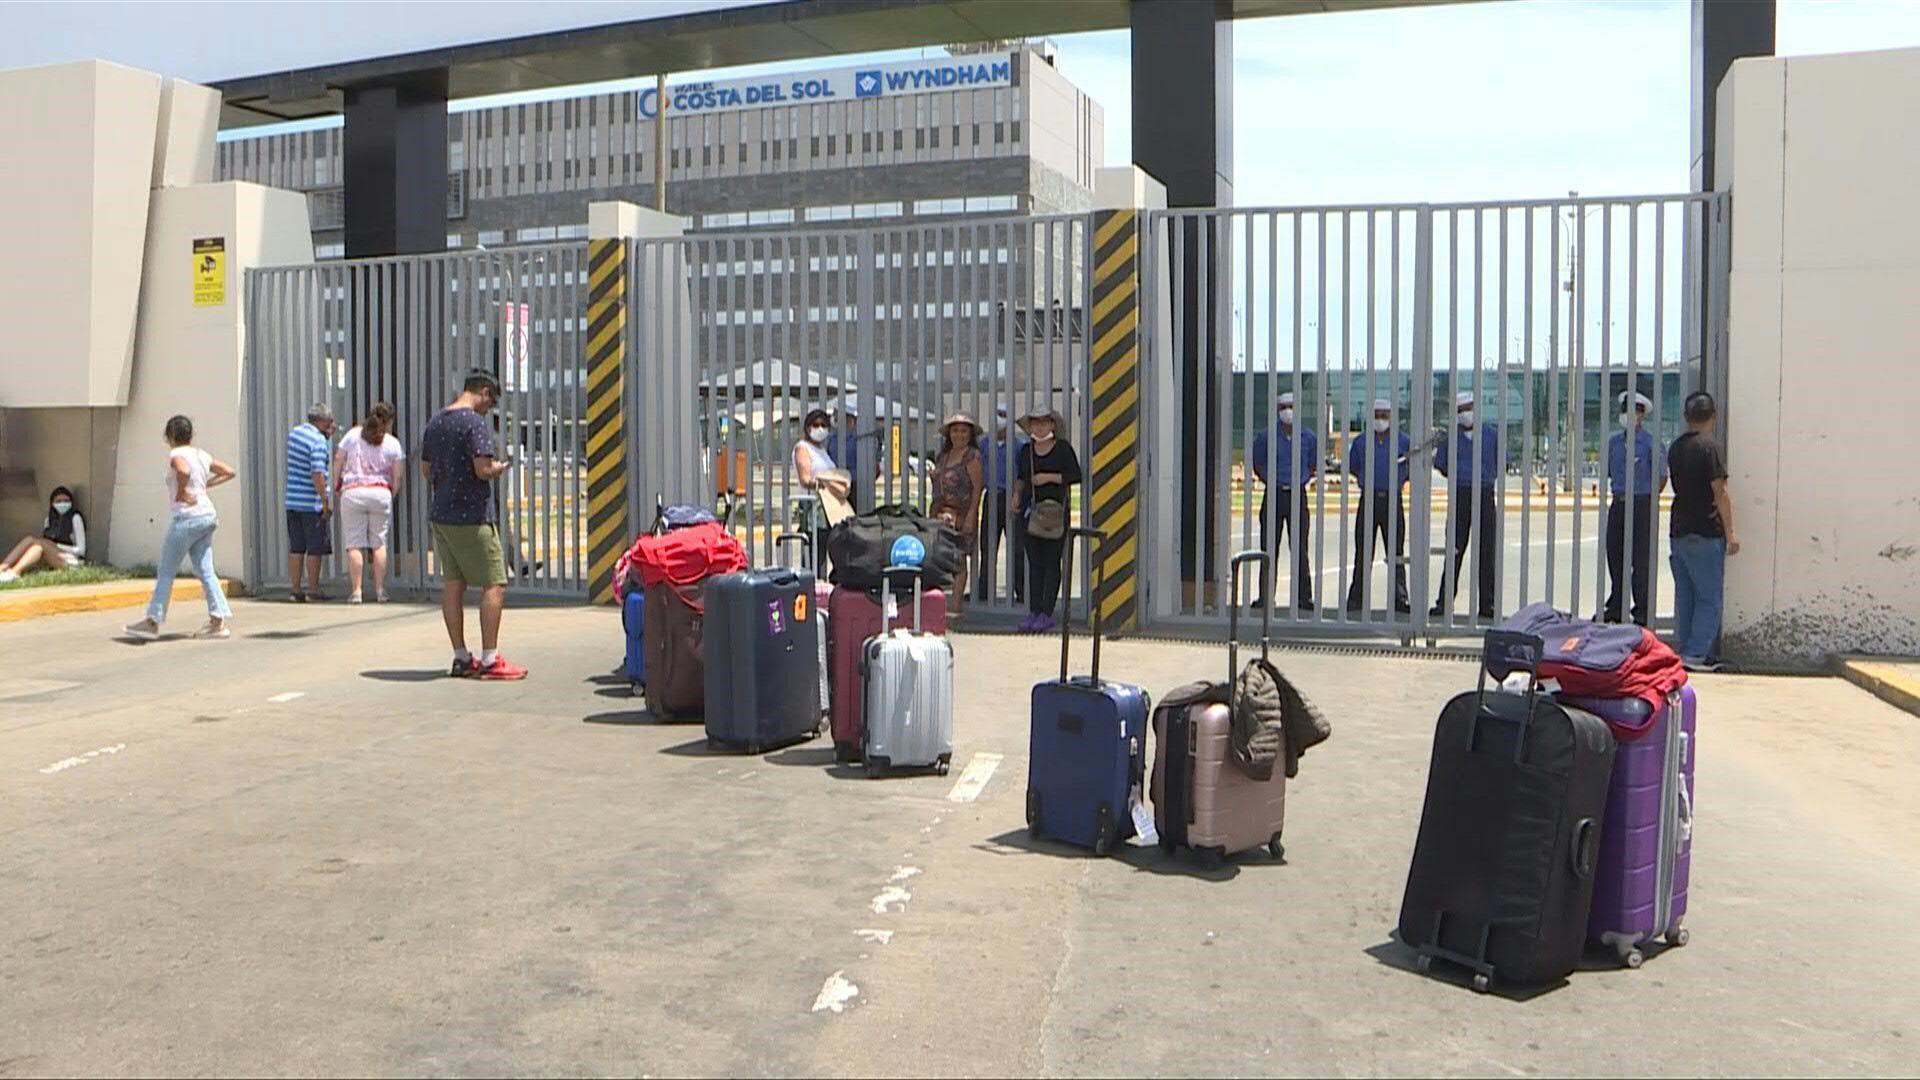 La velocidad de transmisión de virus es proporcional a la intensidad de conexión o de participación en la globalización, por eso se cierran los aeropuertos internacionales